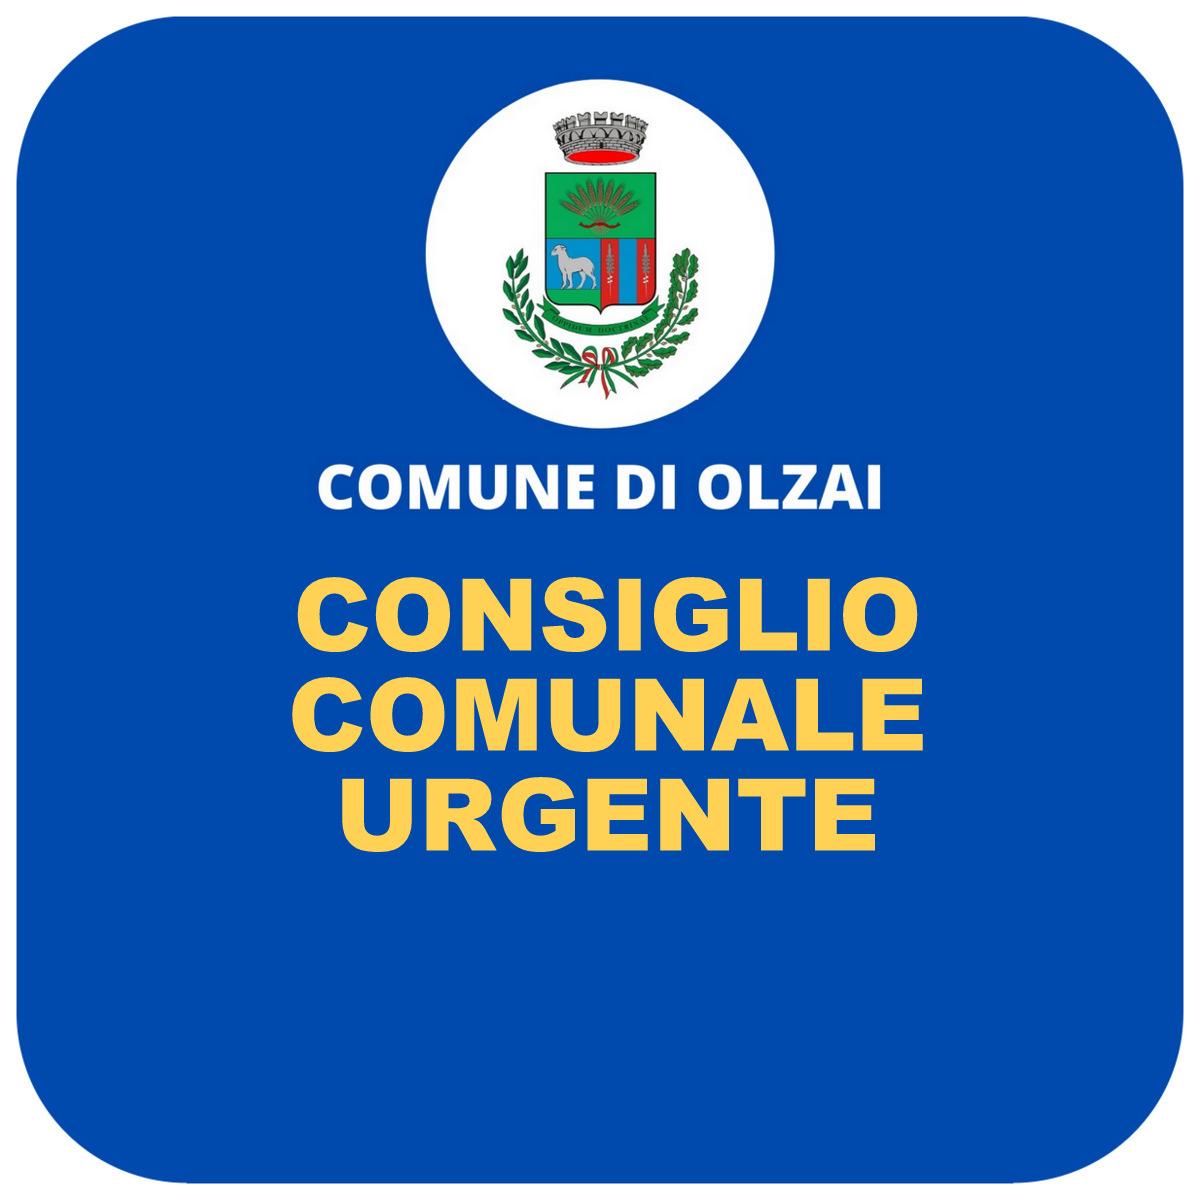 AVVISO PUBBLICO: Convocazione Consiglio Comunale per il giorno 15/09/2021 ore 17,00